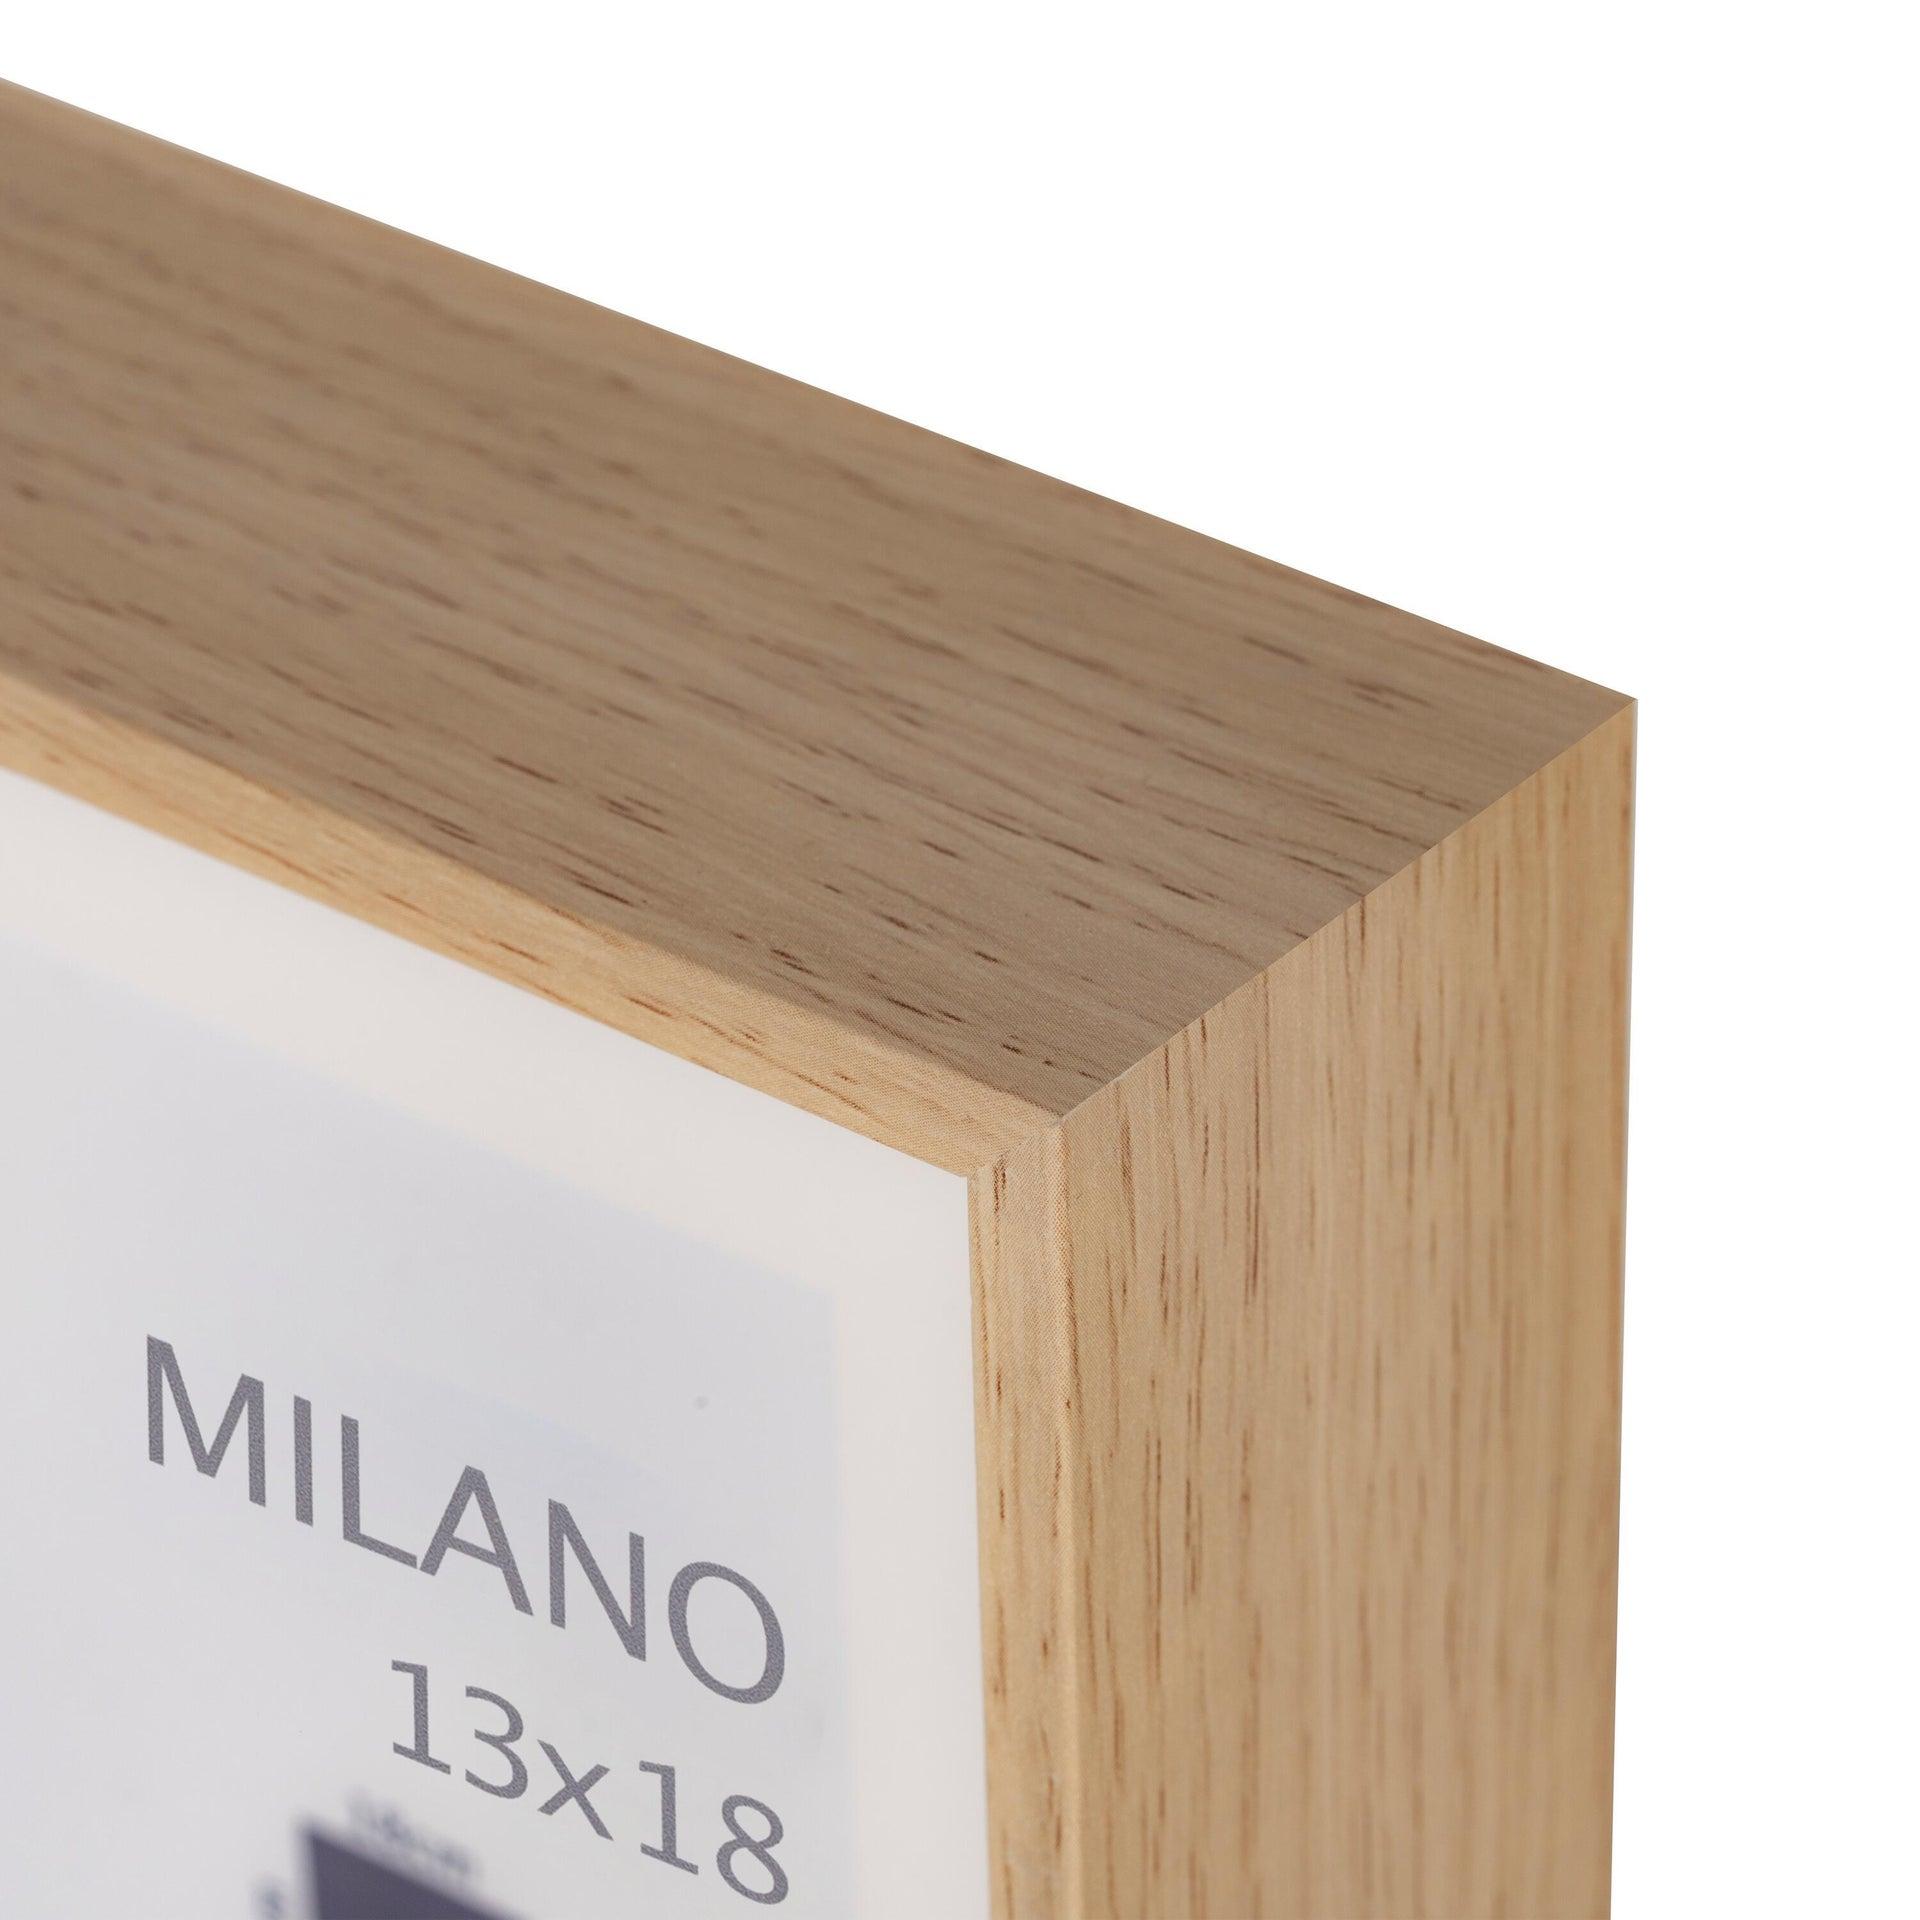 Cornice con passe-partout Inspire milano rovere 13x18 cm - 6